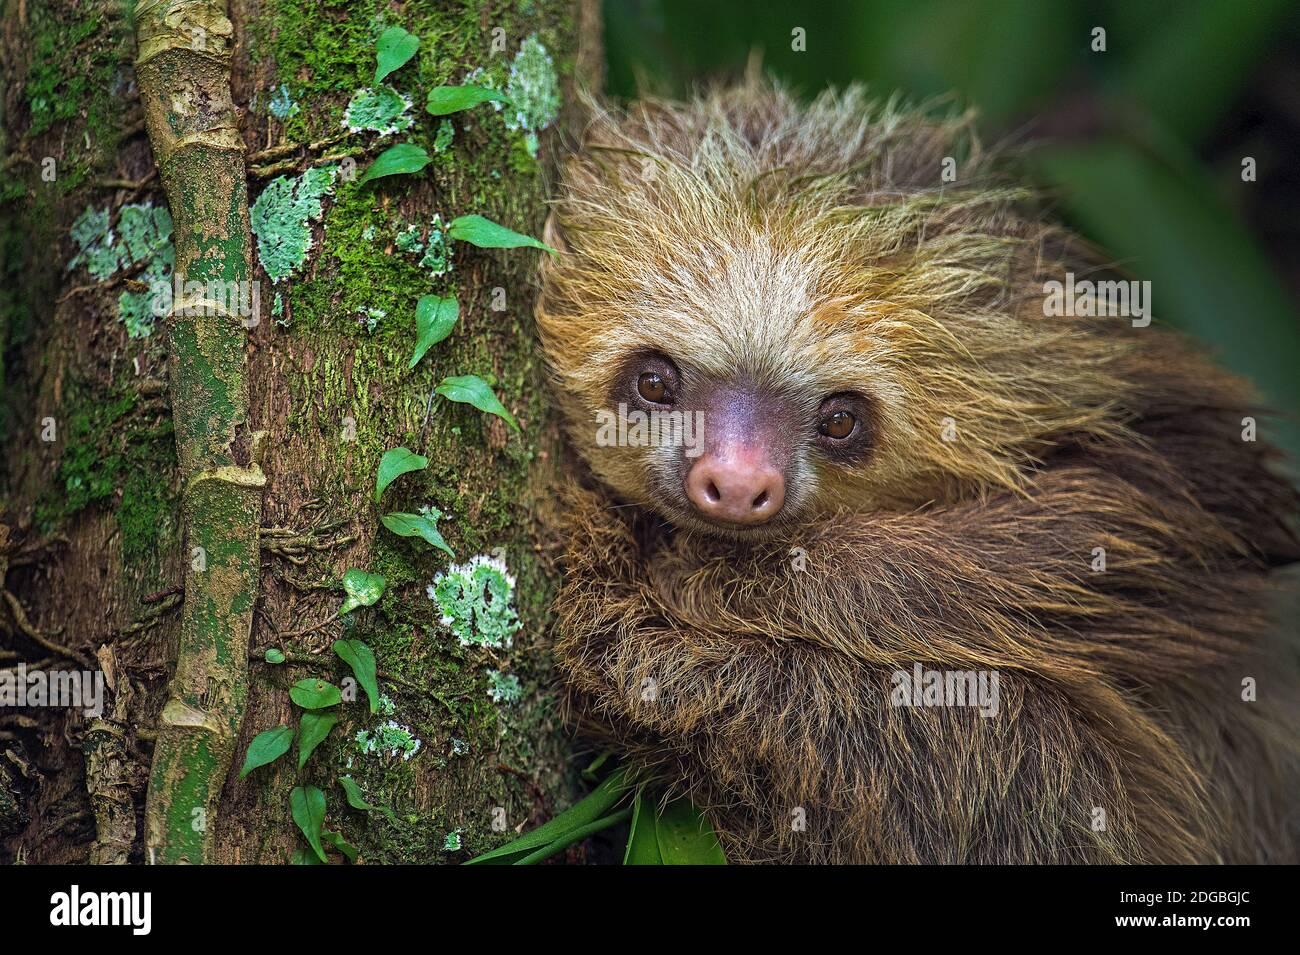 Sloth de dos dedos (Choloepus didactylus), Tortuguero, Costa Rica Foto de stock